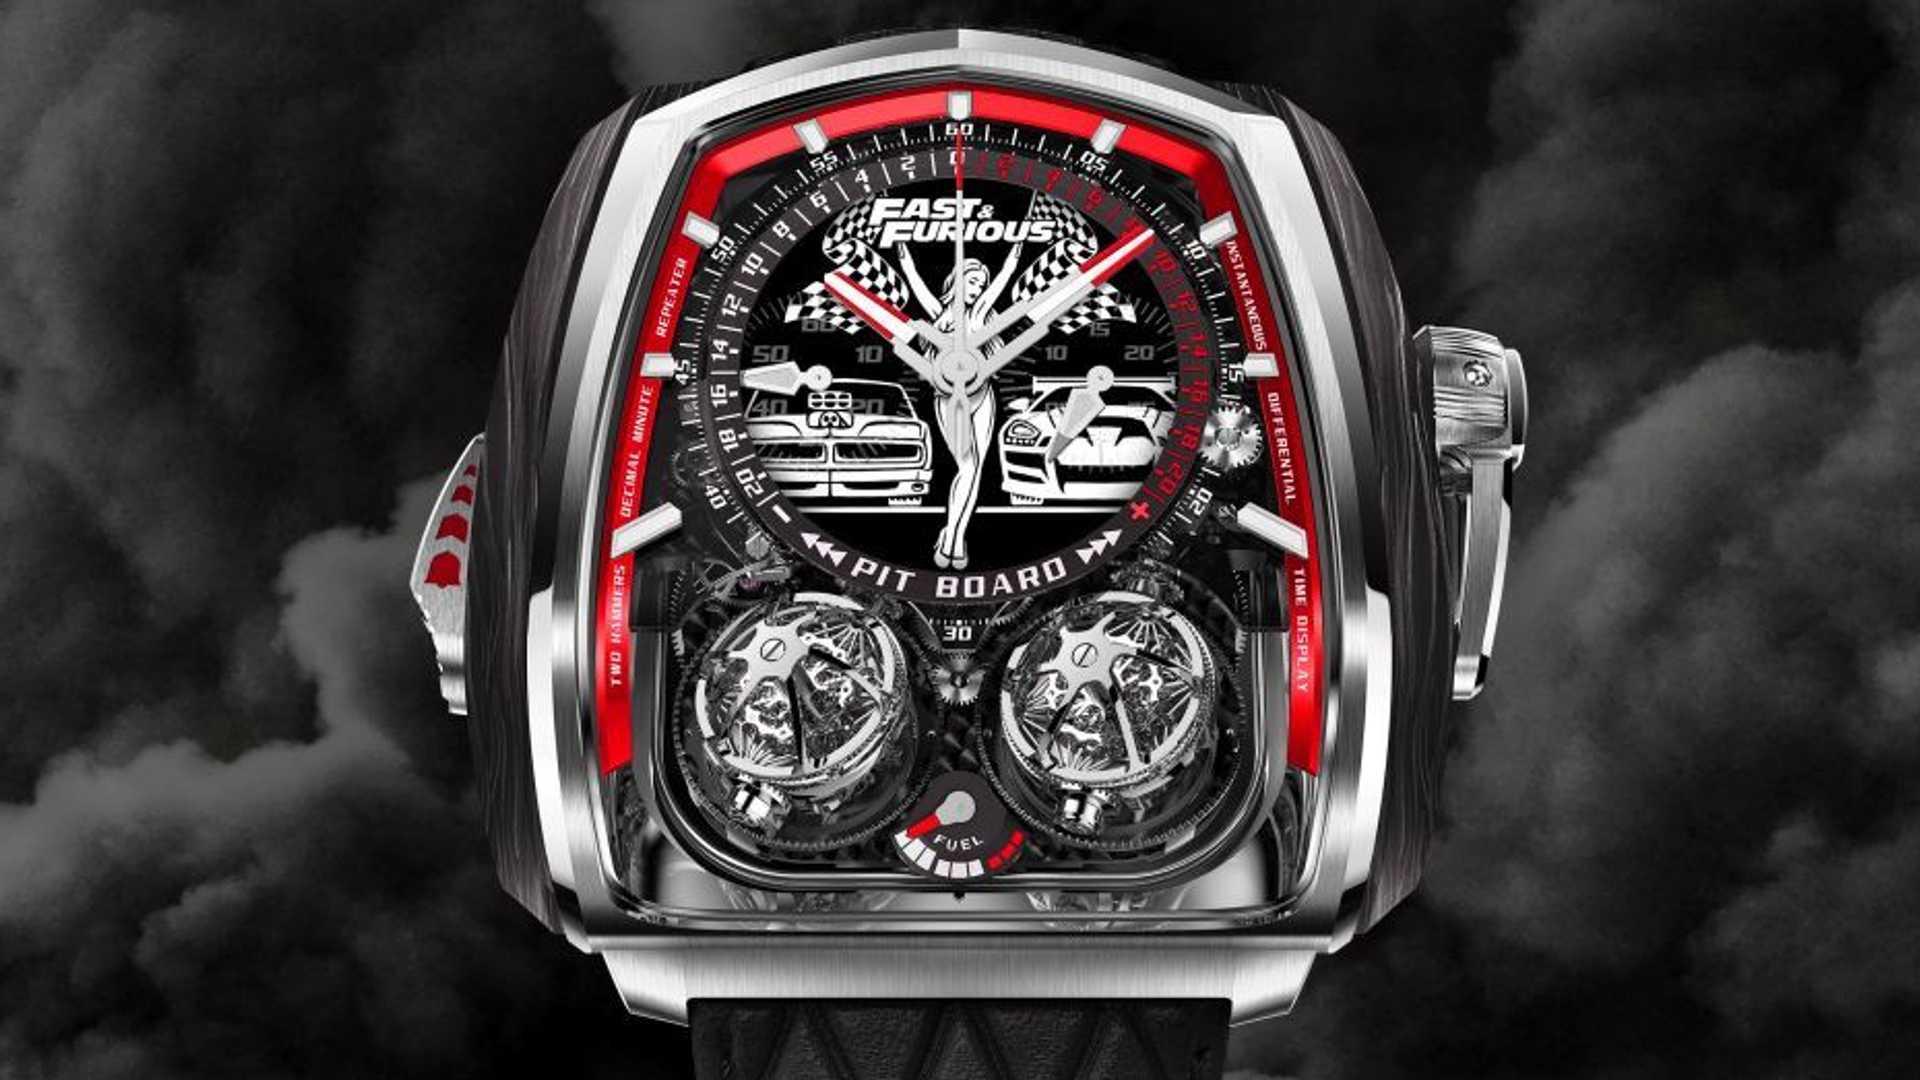 Đồng hồ Fast & Furious Twin Turbo sản xuất số lượng giới hạn.